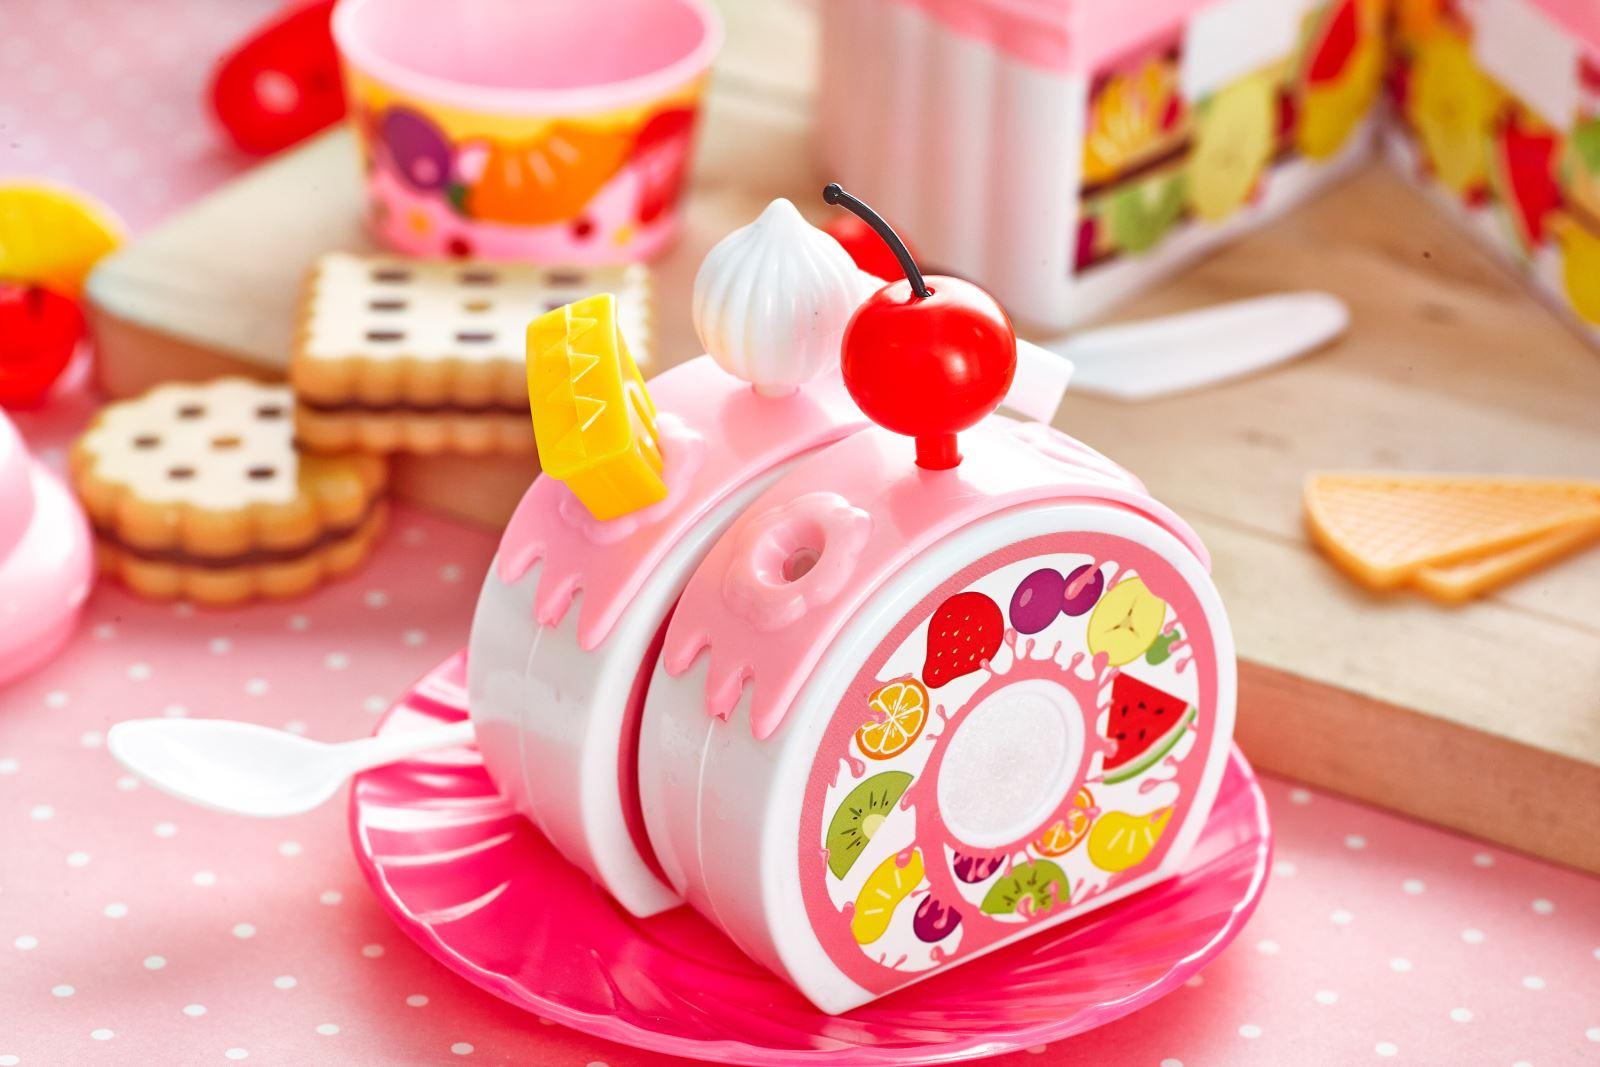 仿真下午茶蛋糕组/a380造型飞机-宠爱宝贝最佳玩具!茶